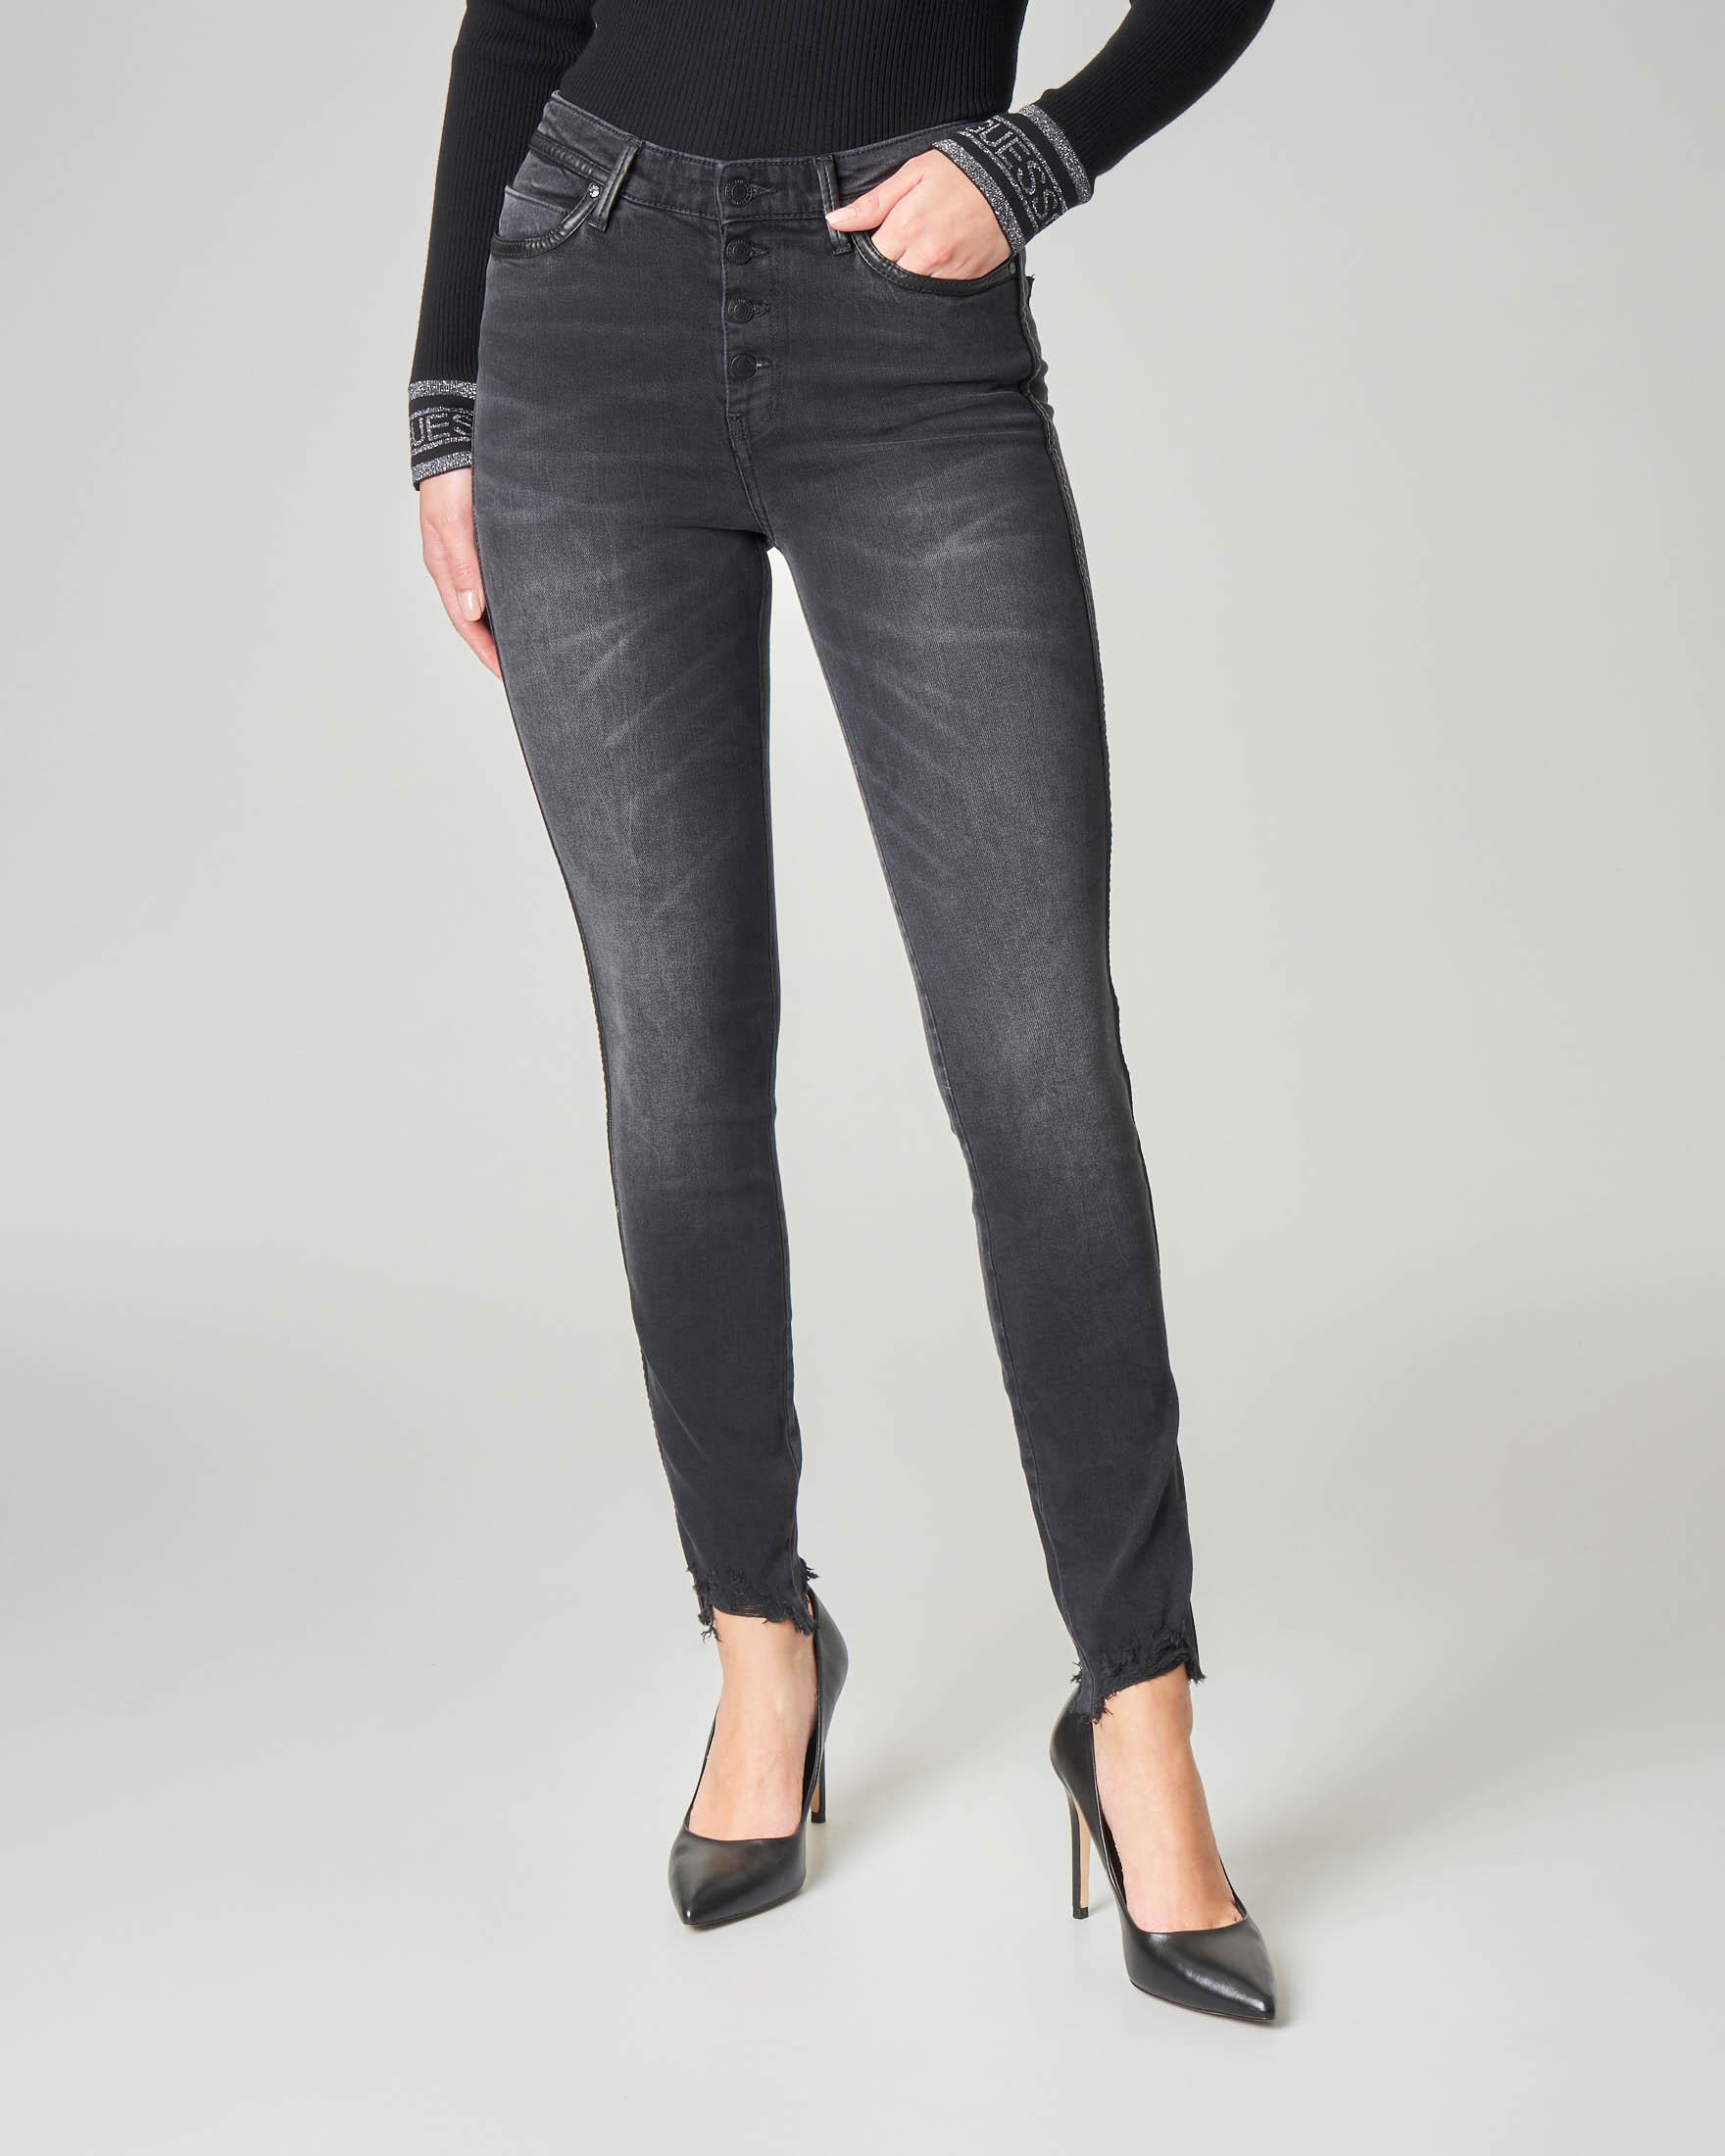 Jeans skinny neri effetto delavè con profili in ecopelle e fondo sfrangiato